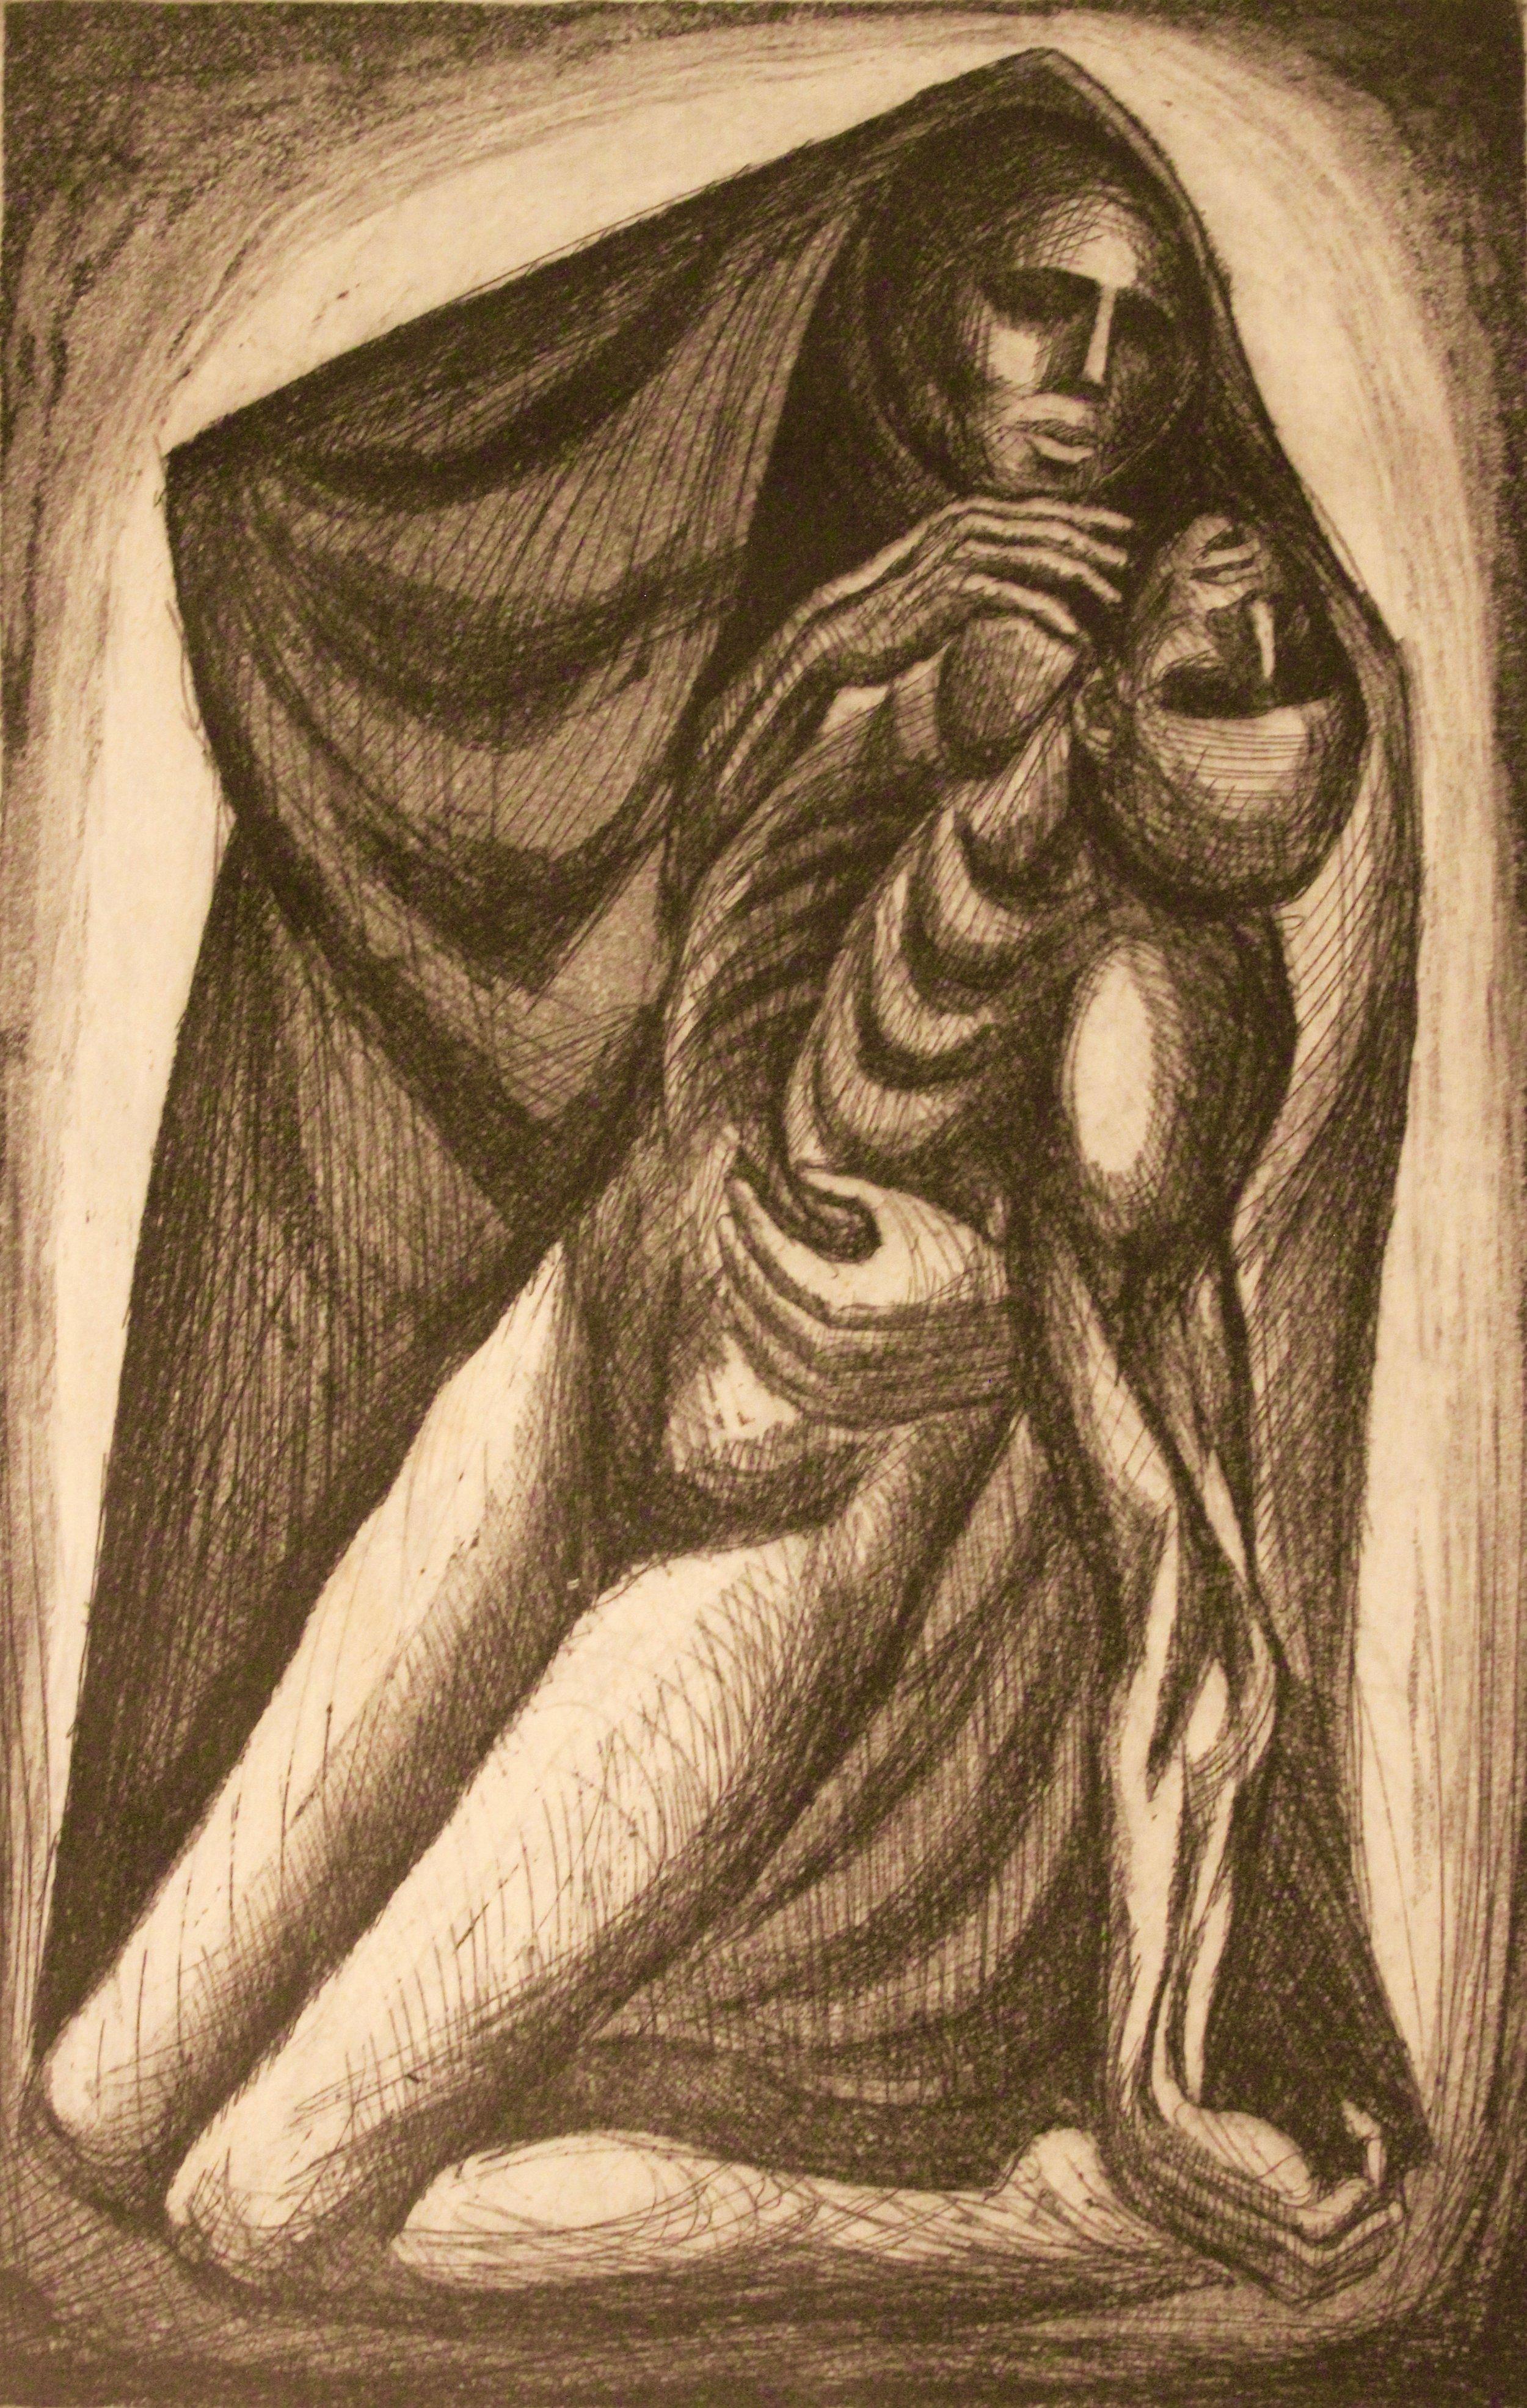 Arnold Belkin, La Madre #2, 1958